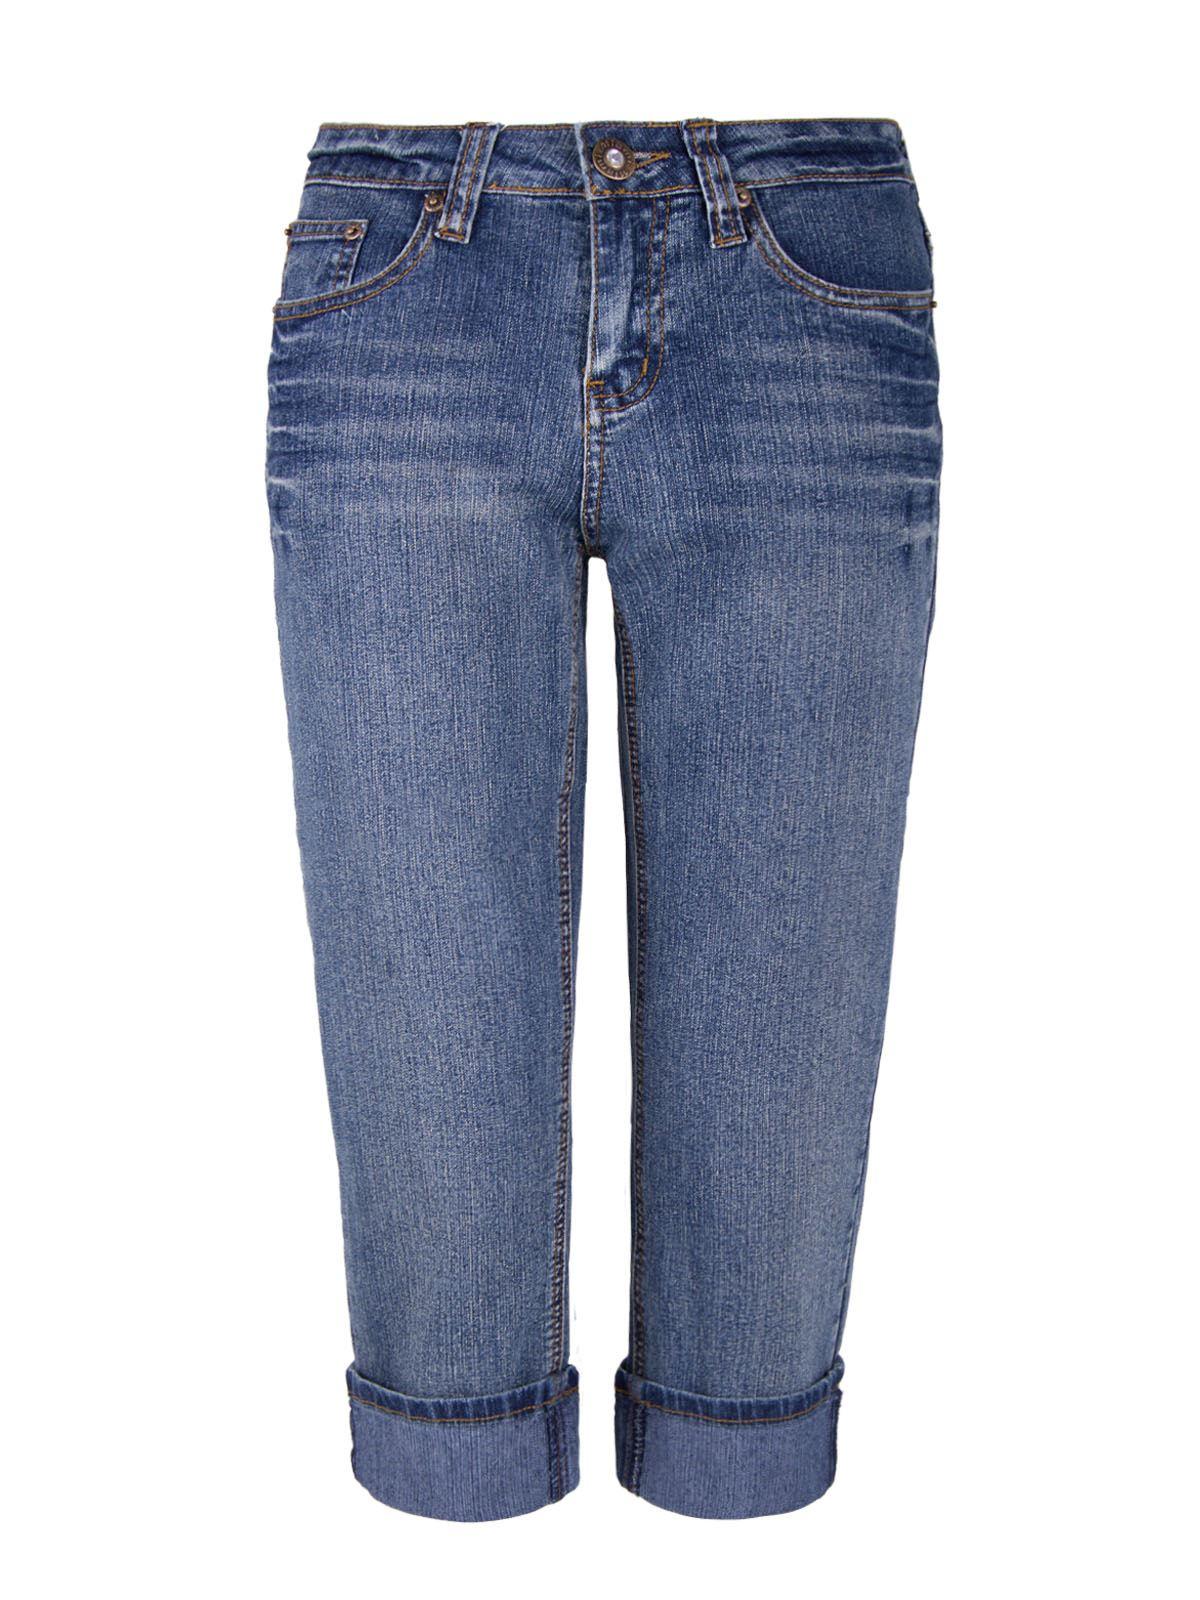 damen hose stretch jeans niedriger bund acidwashed 3 4. Black Bedroom Furniture Sets. Home Design Ideas